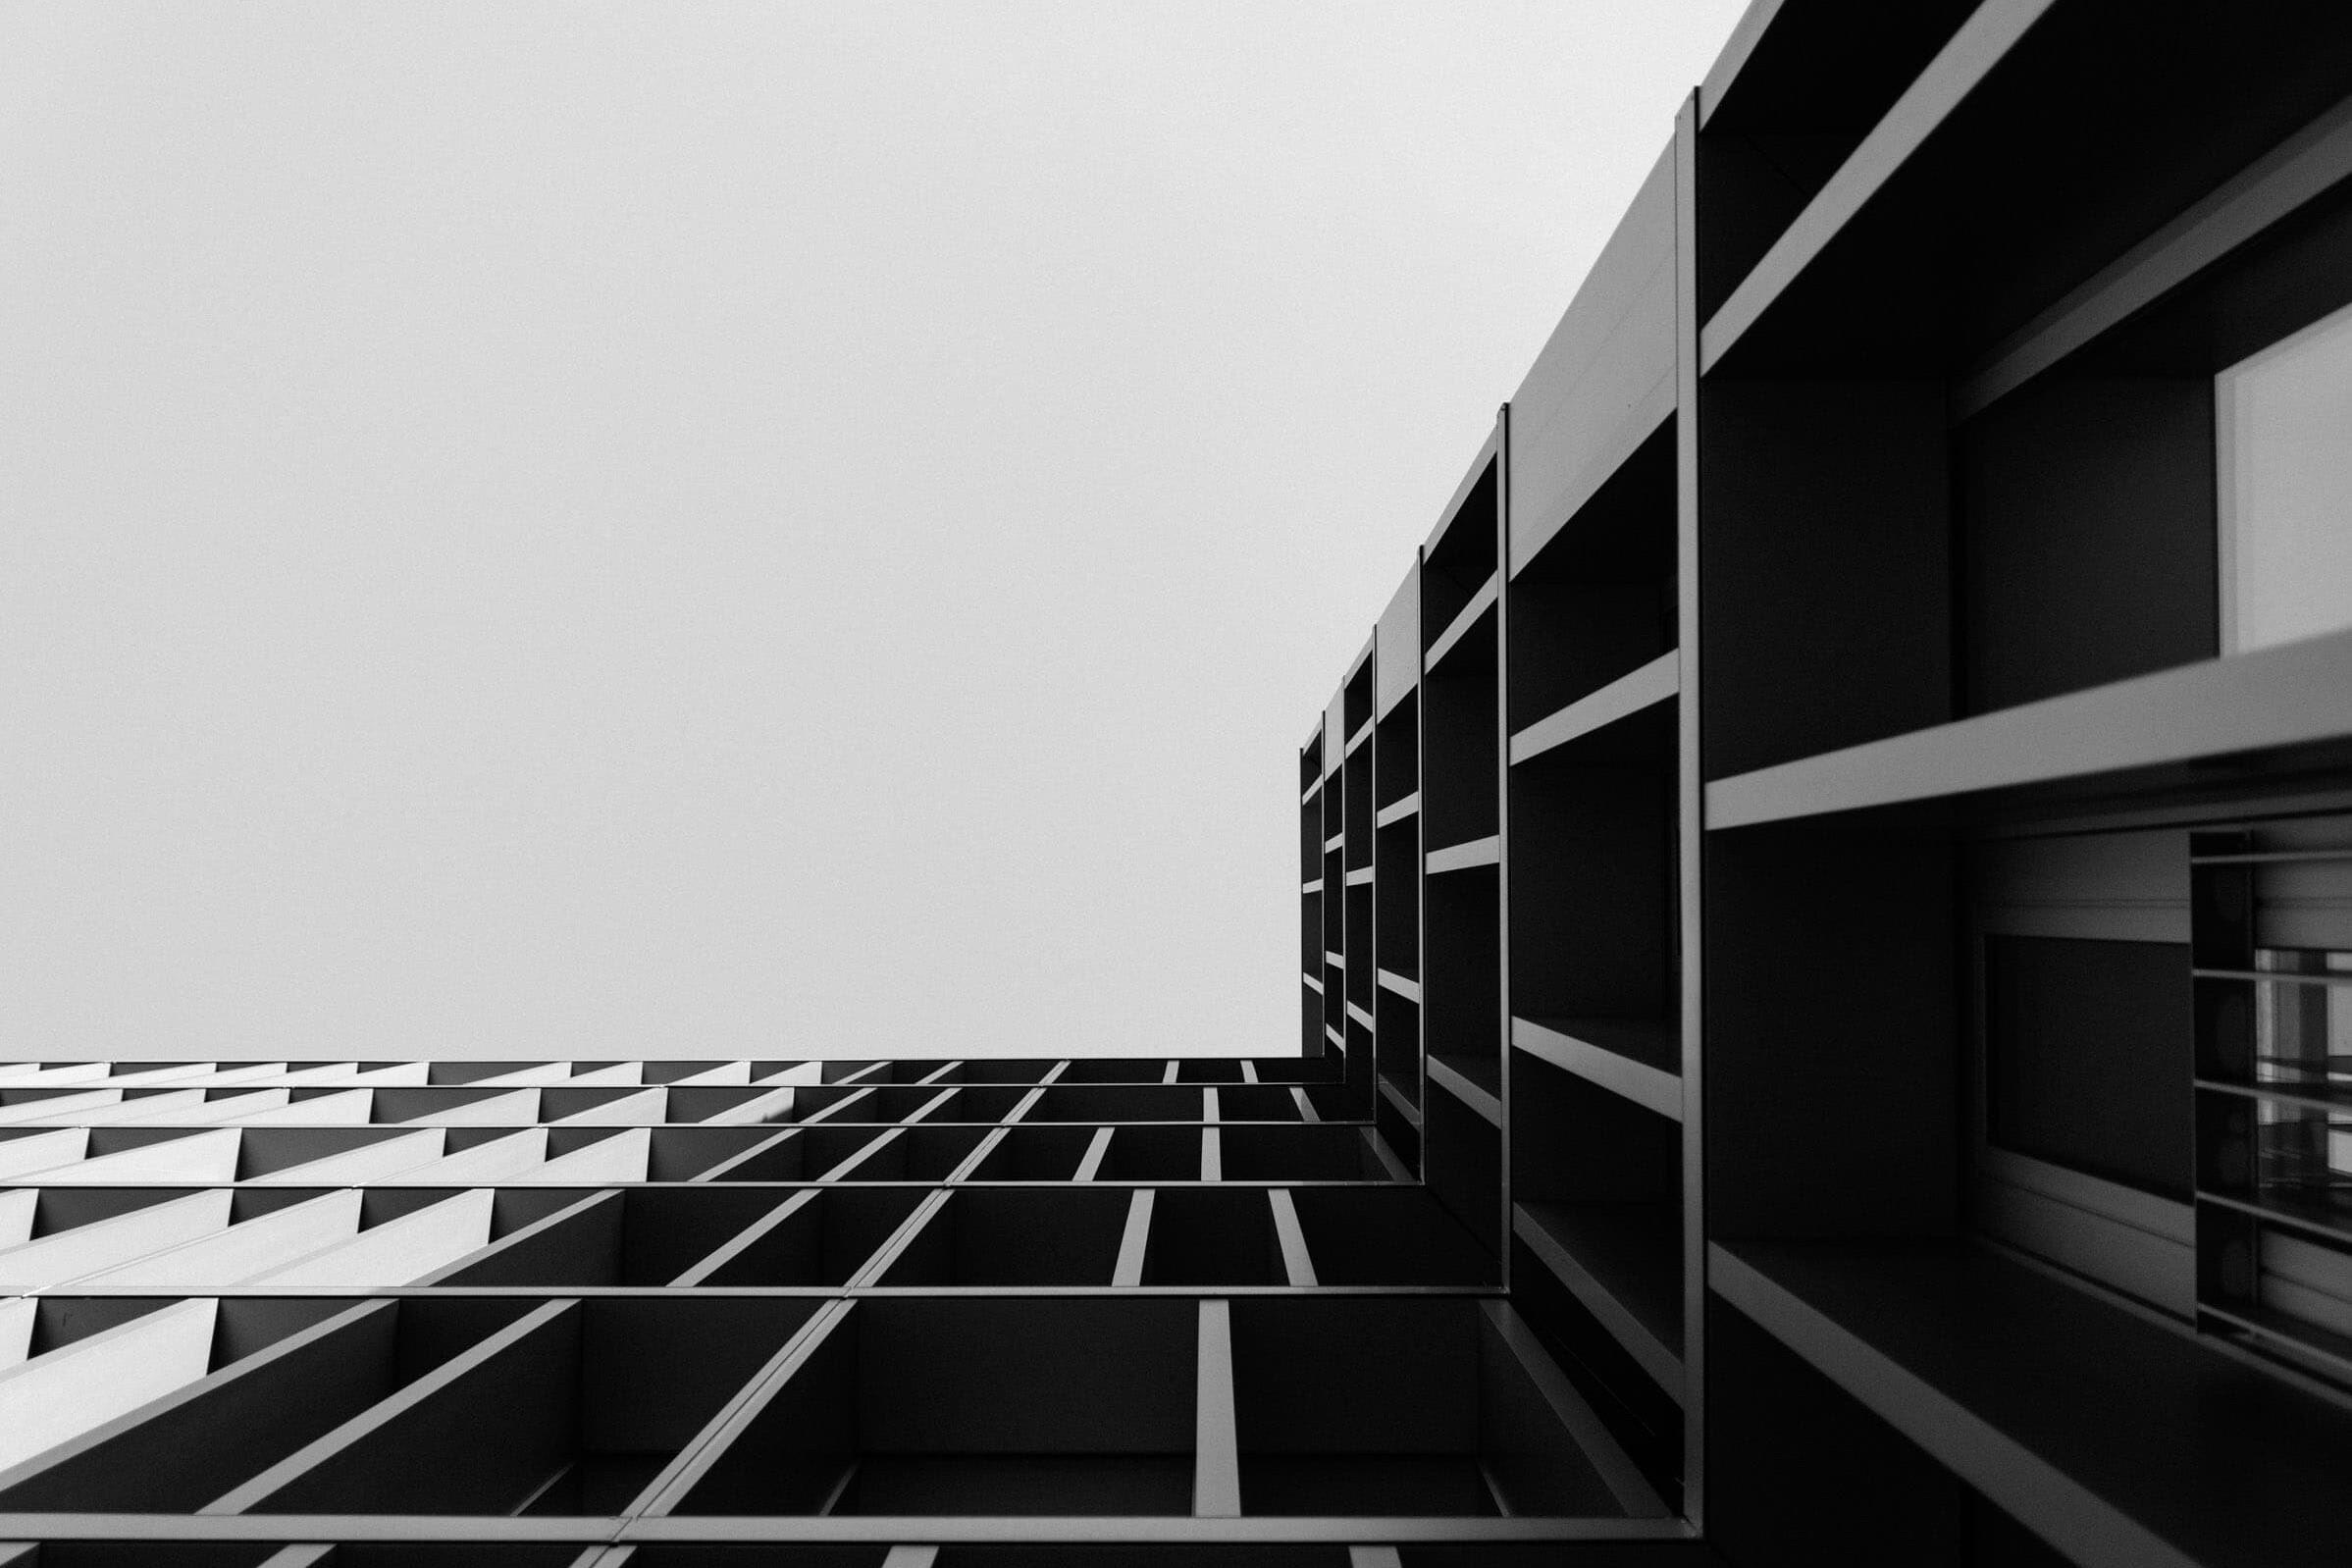 architecture-vienna-hotel-falkensteiner-by-kliewer-photography